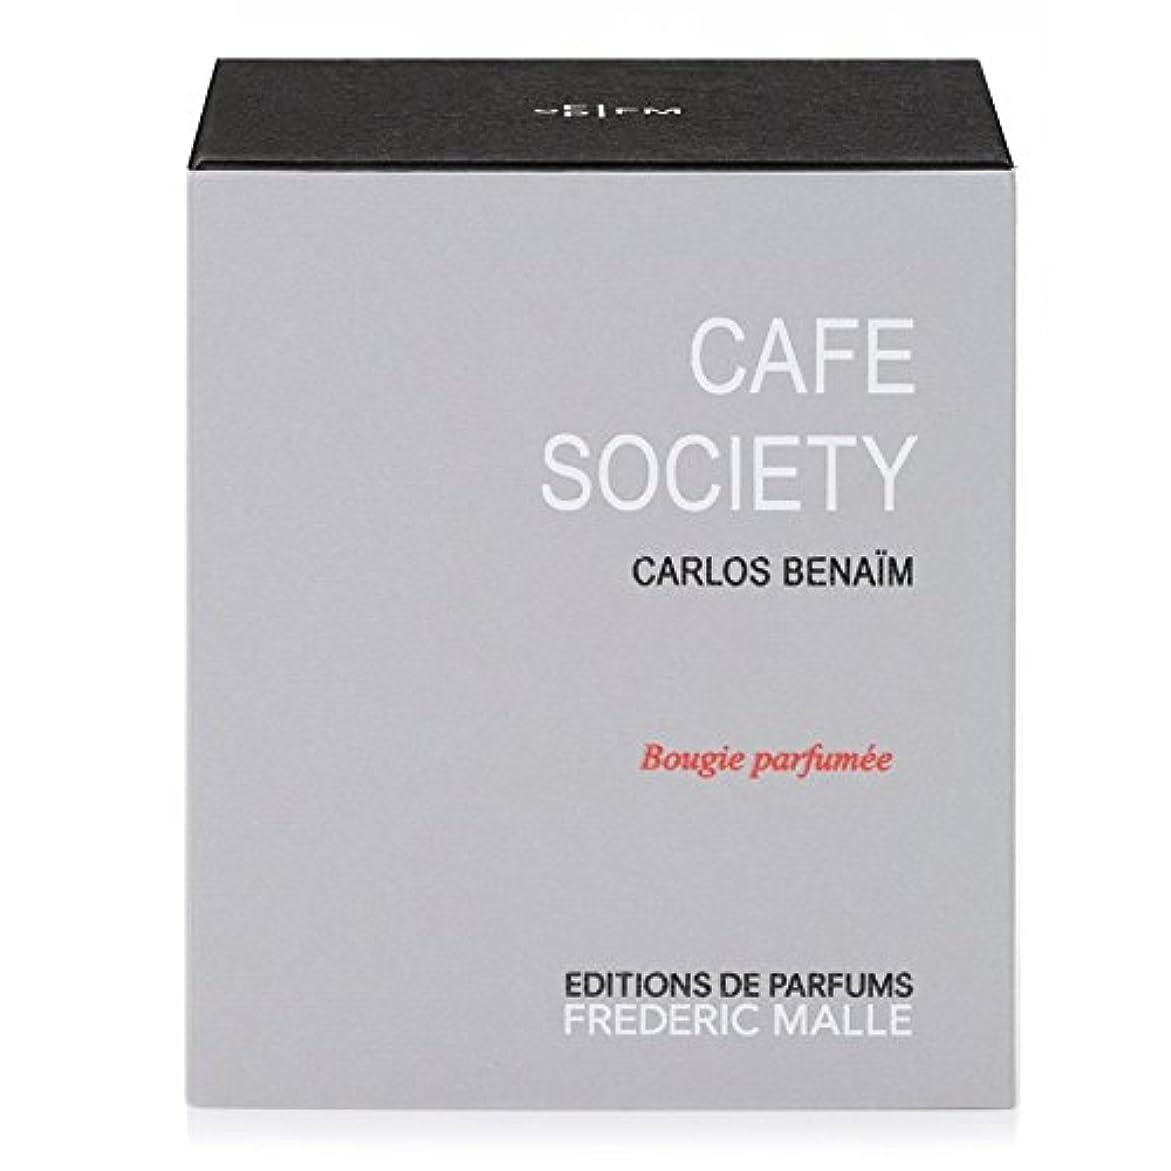 ラブ小石心理的Frederic Malle Cafe Society Scented Candle 220g (Pack of 4) - フレデリック?マルカフェ社会の香りのキャンドル220グラム x4 [並行輸入品]